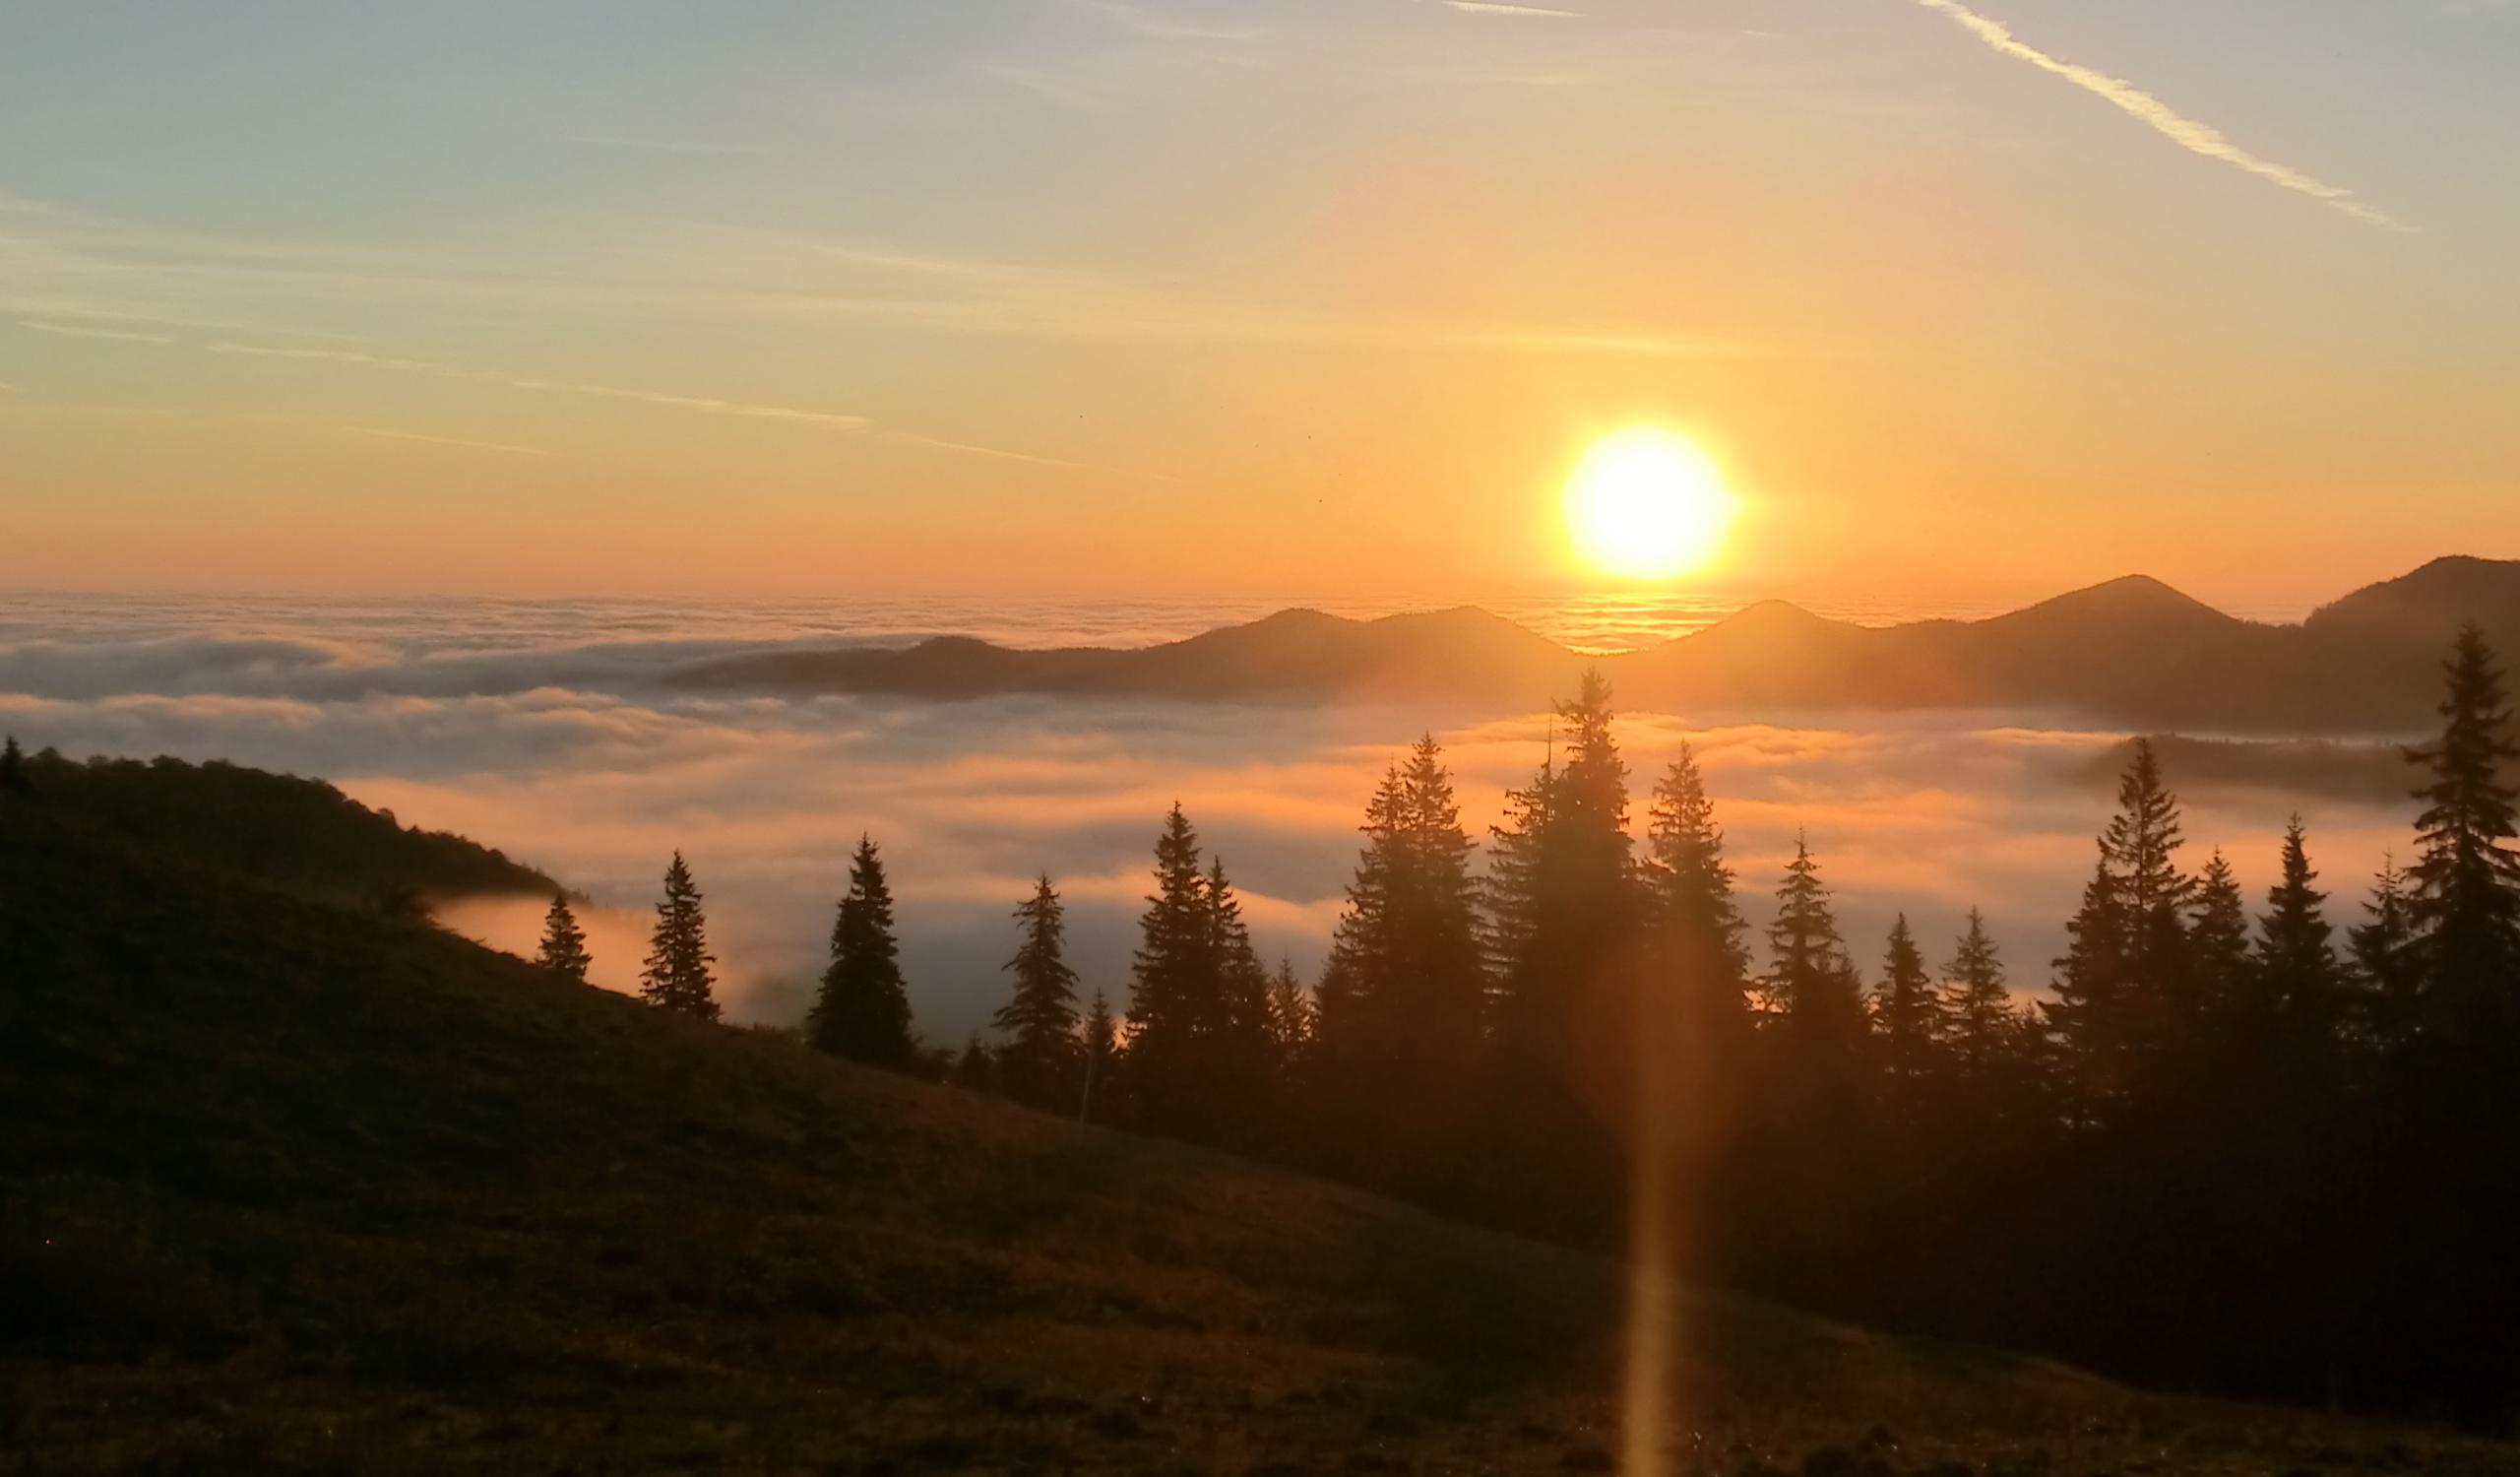 122 - 13.10.2013 - Răsăritul soarelui, văzut din poiana din Şaua Golici - Tură Muntele Coza